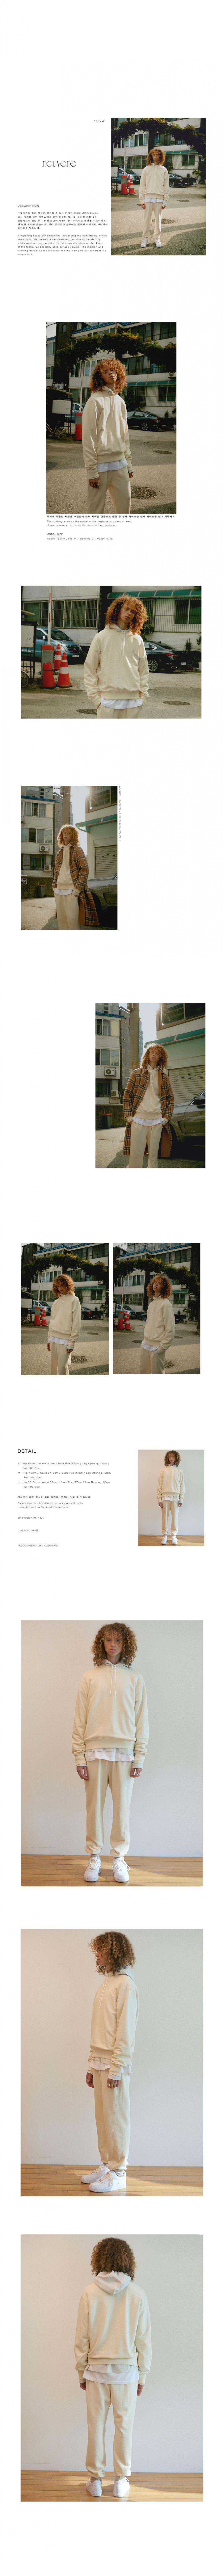 누엔(NOUVENE) New Garment Dyed Sweatpants Cream